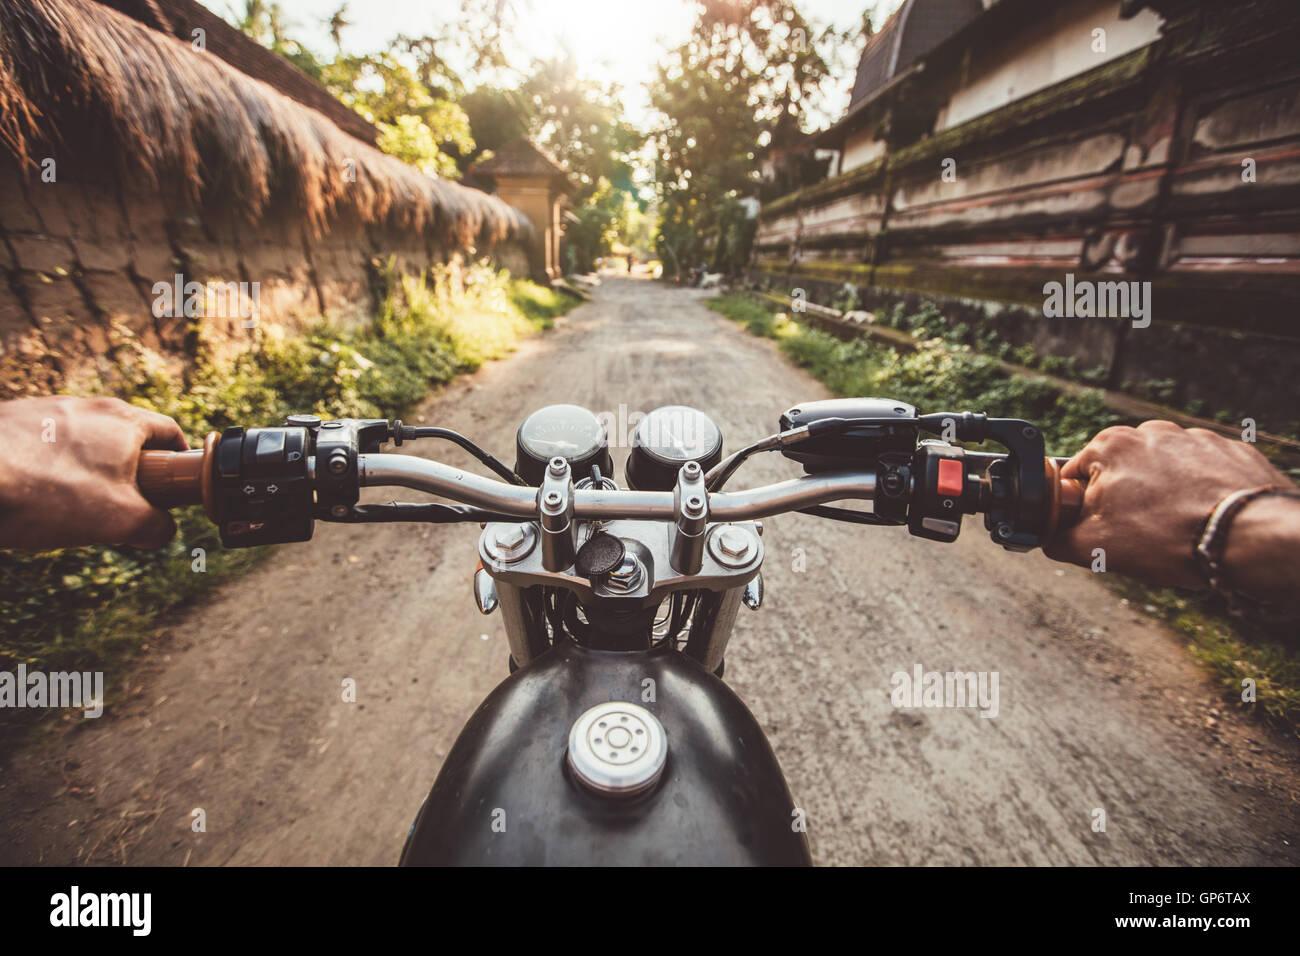 Biker conducía su motocicleta en carretera rural en una aldea. Punto de vista con el enfoque está en el Imagen De Stock